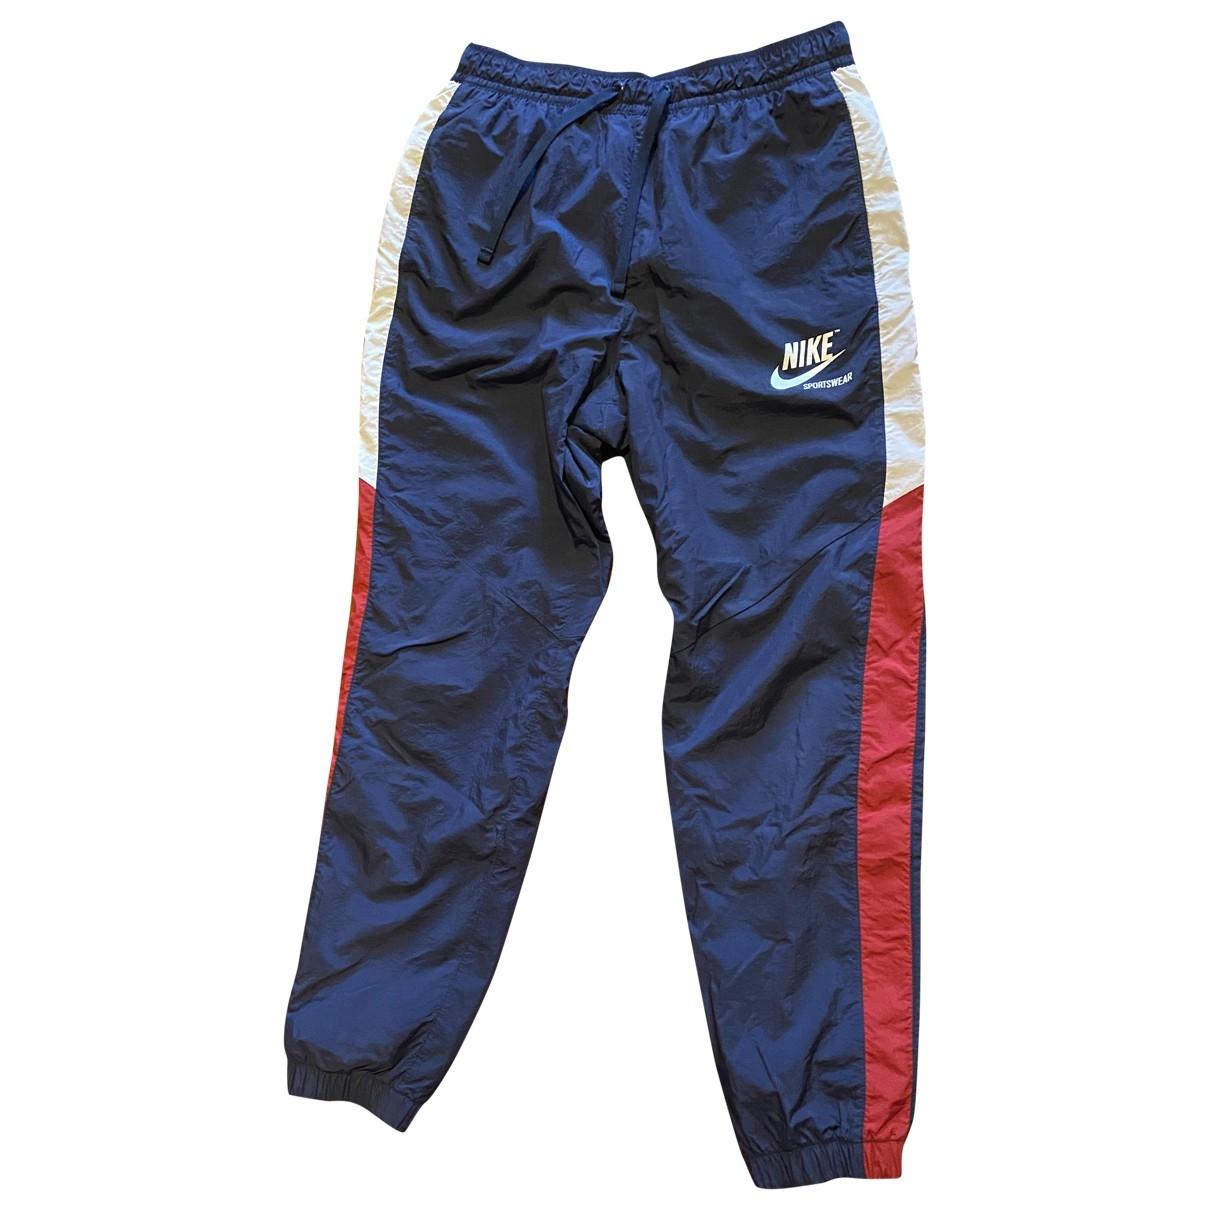 Nike - Pantalon   pour homme - bleu